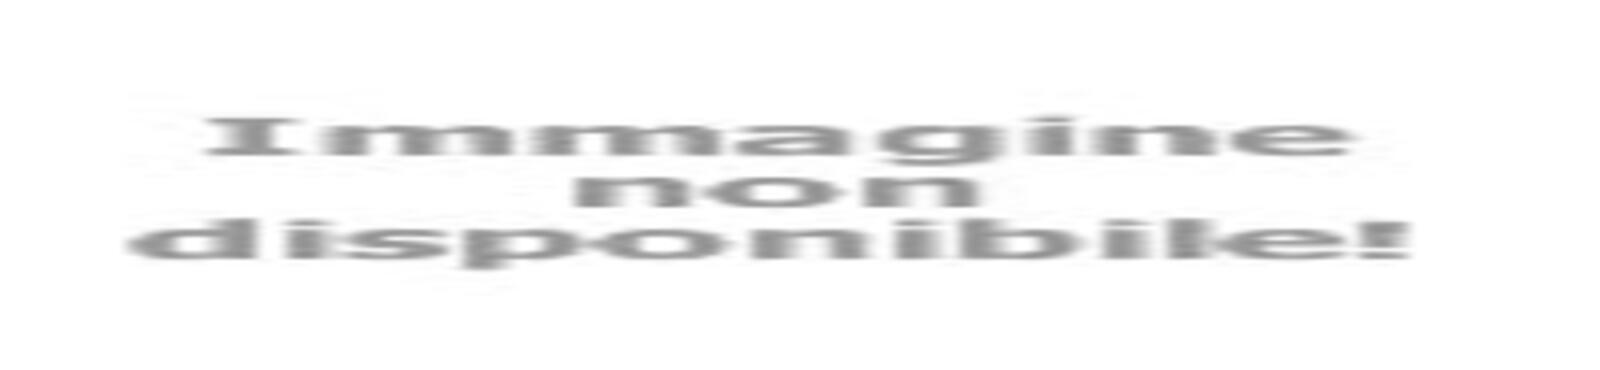 petronianaviaggi it altopiano-del-renon-soggiorno-in-montagna-v417 002